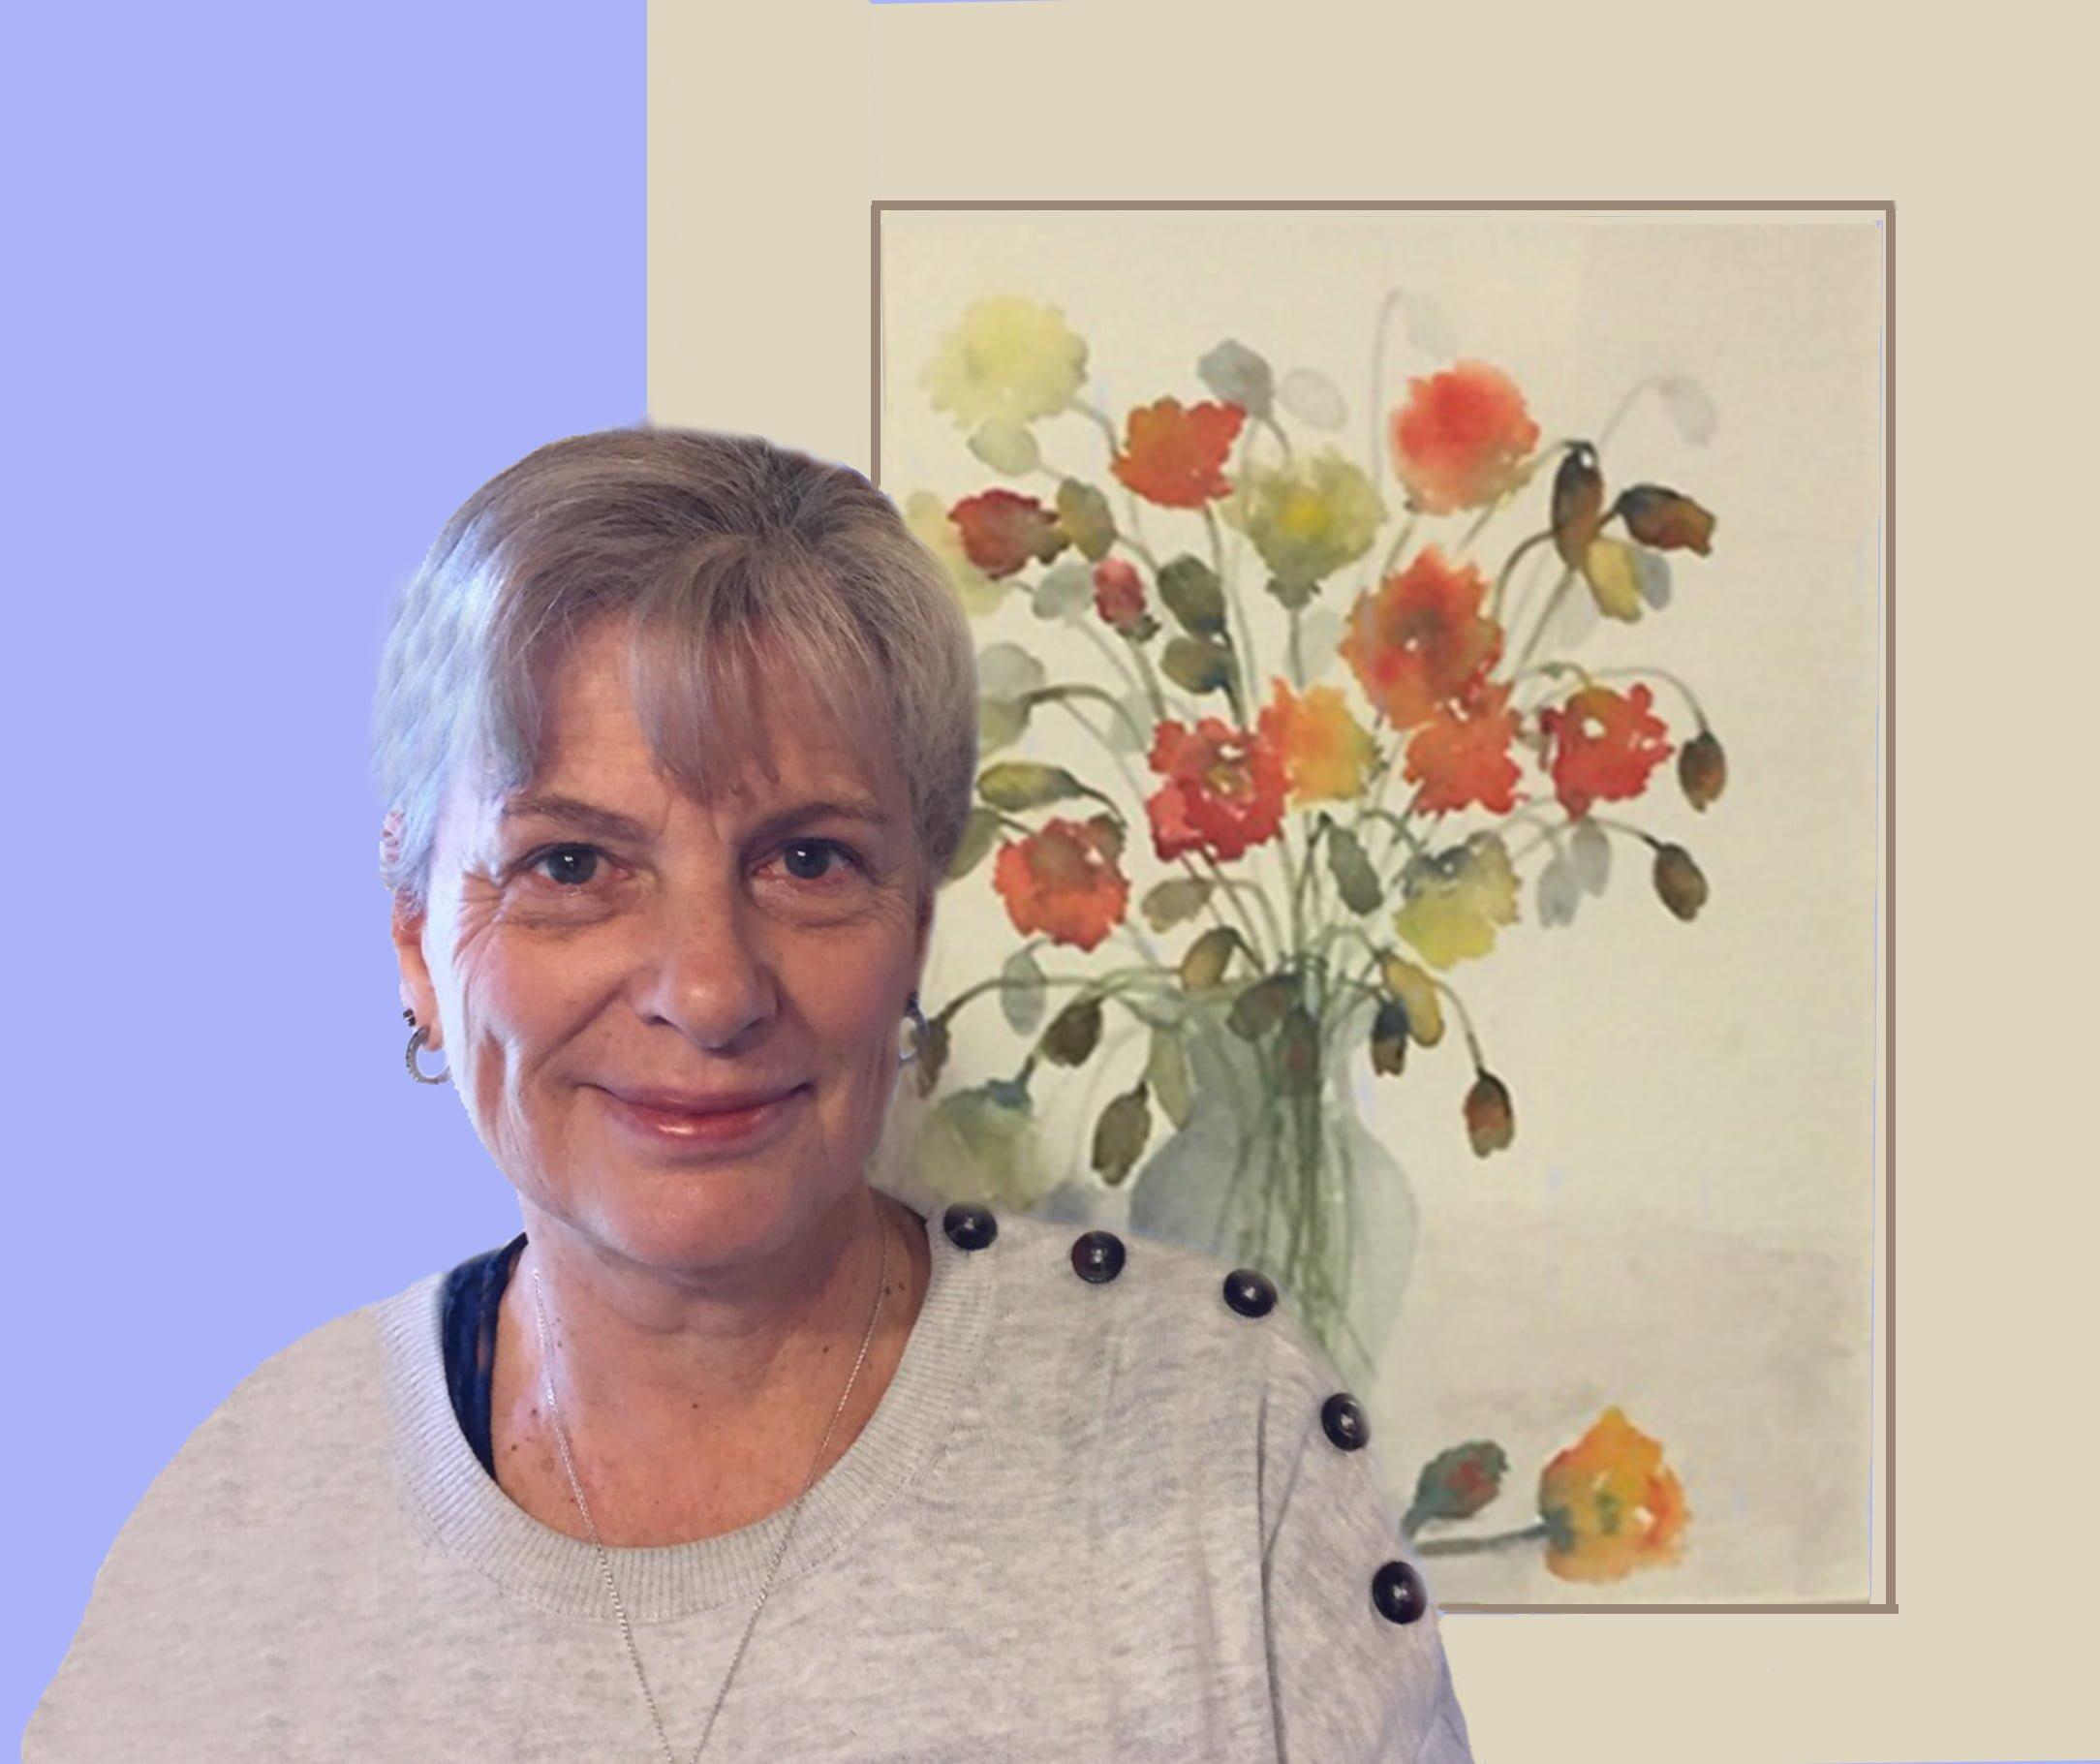 Susi Scheaffer